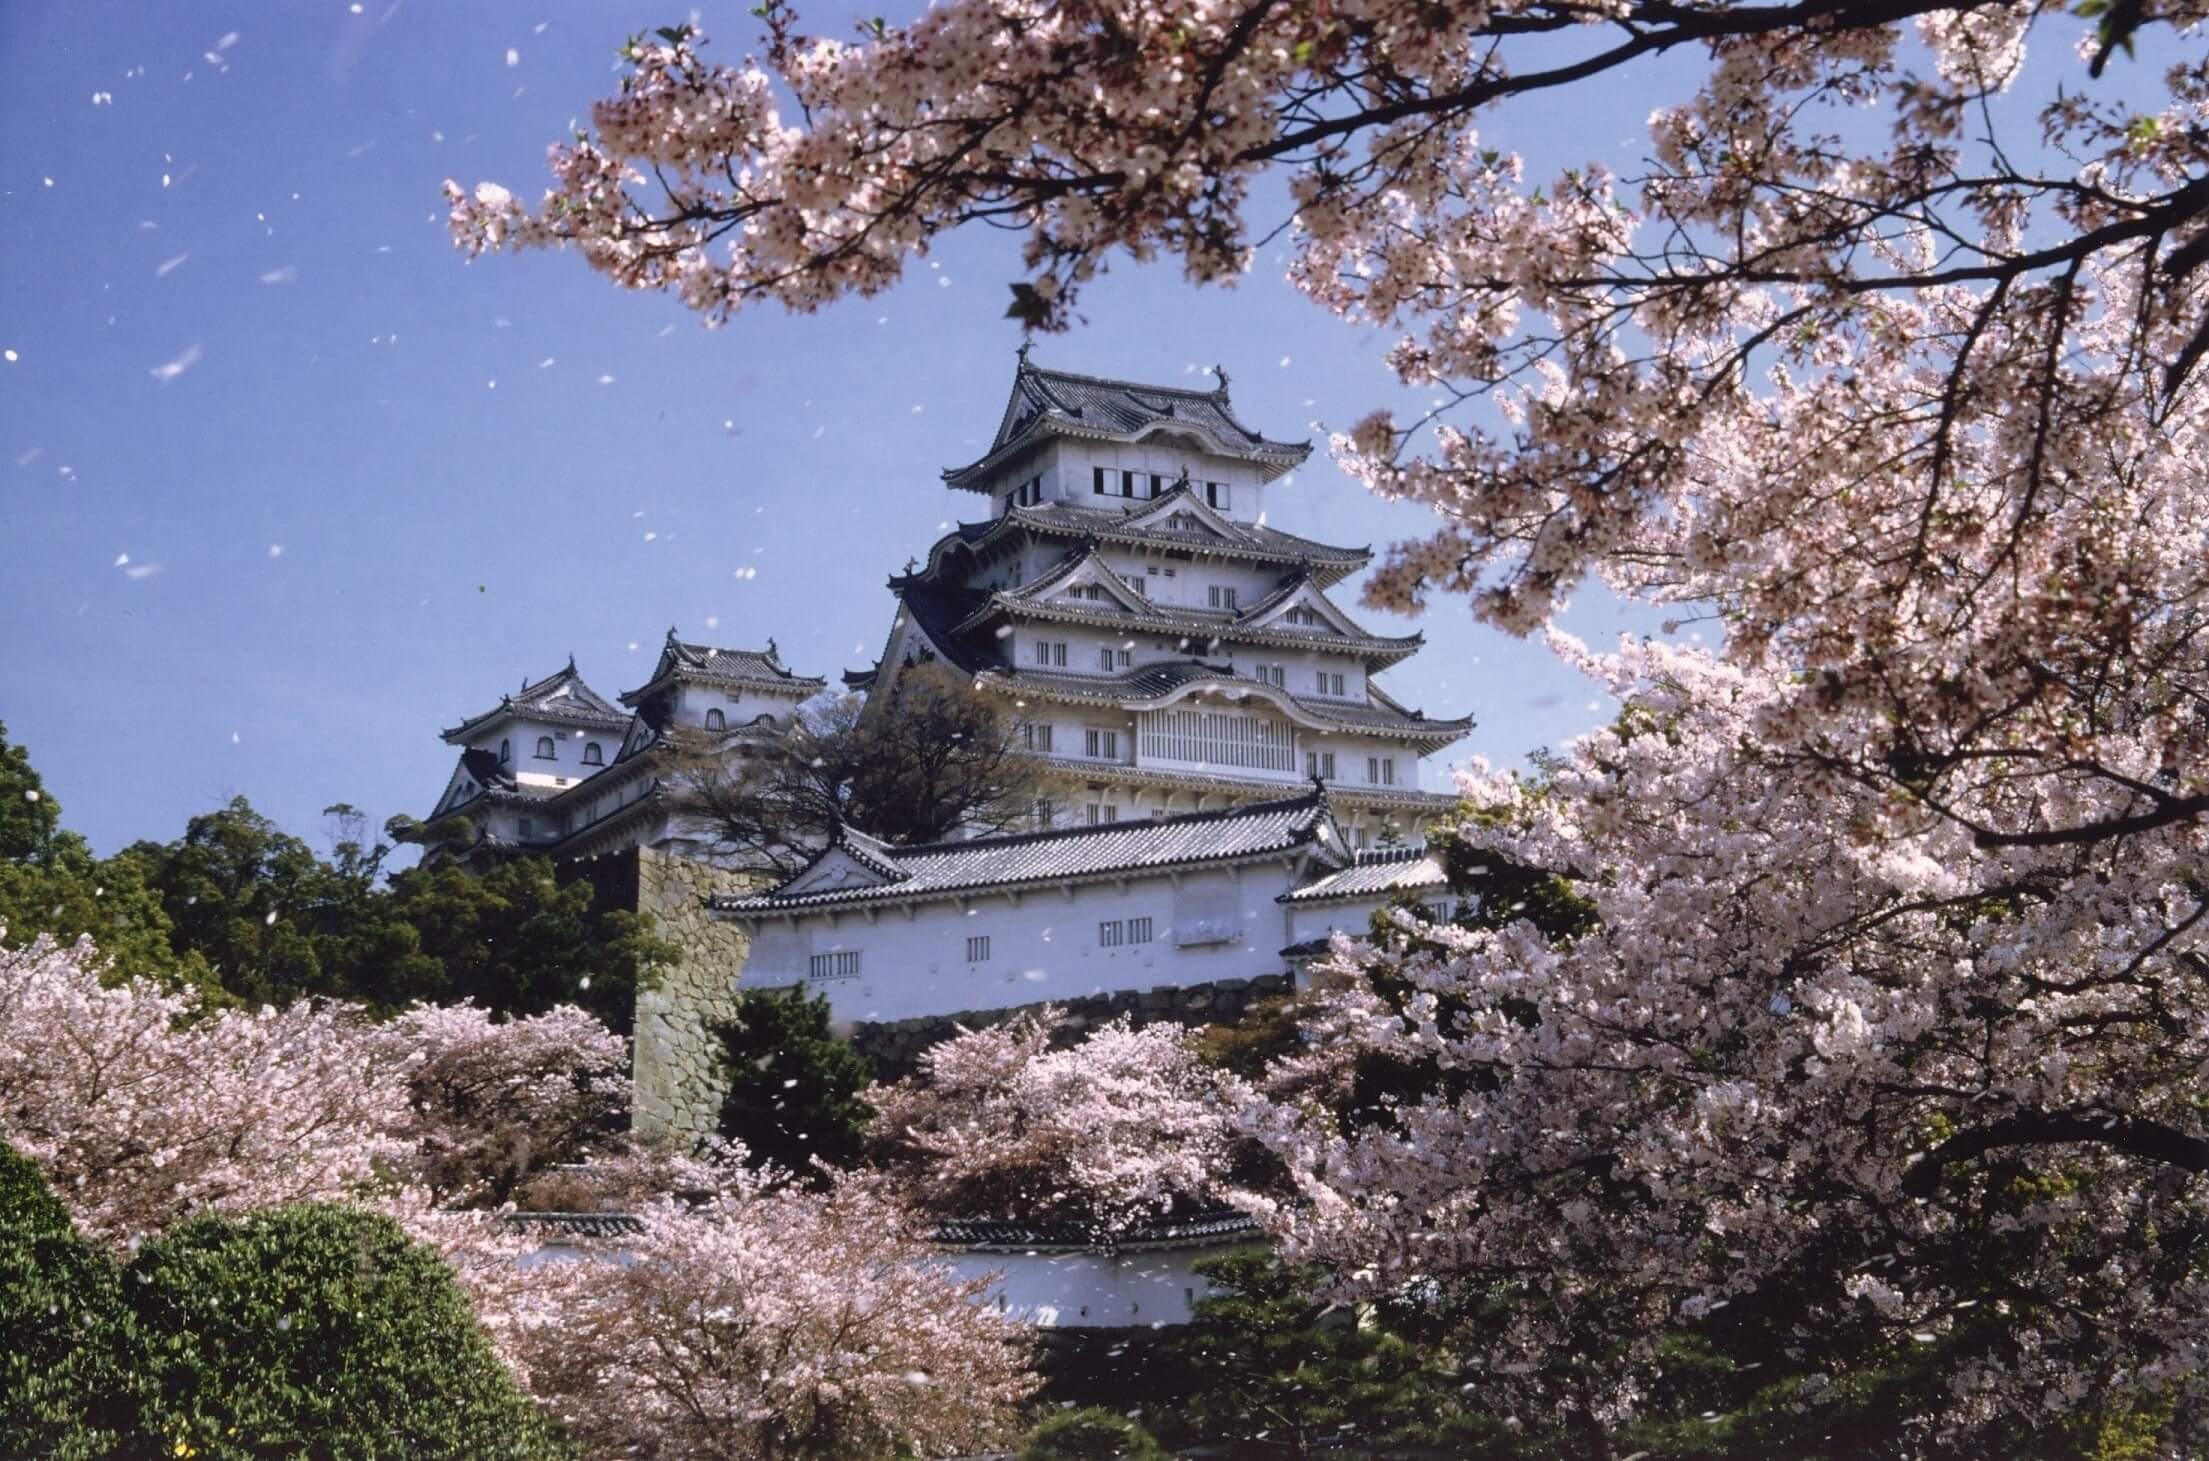 """Die """"Burg des weißen Reihers"""" in Himeji ist Teil des UNESCO-Weltkulturerbes und gilt als Japans größte und schönste Burg."""